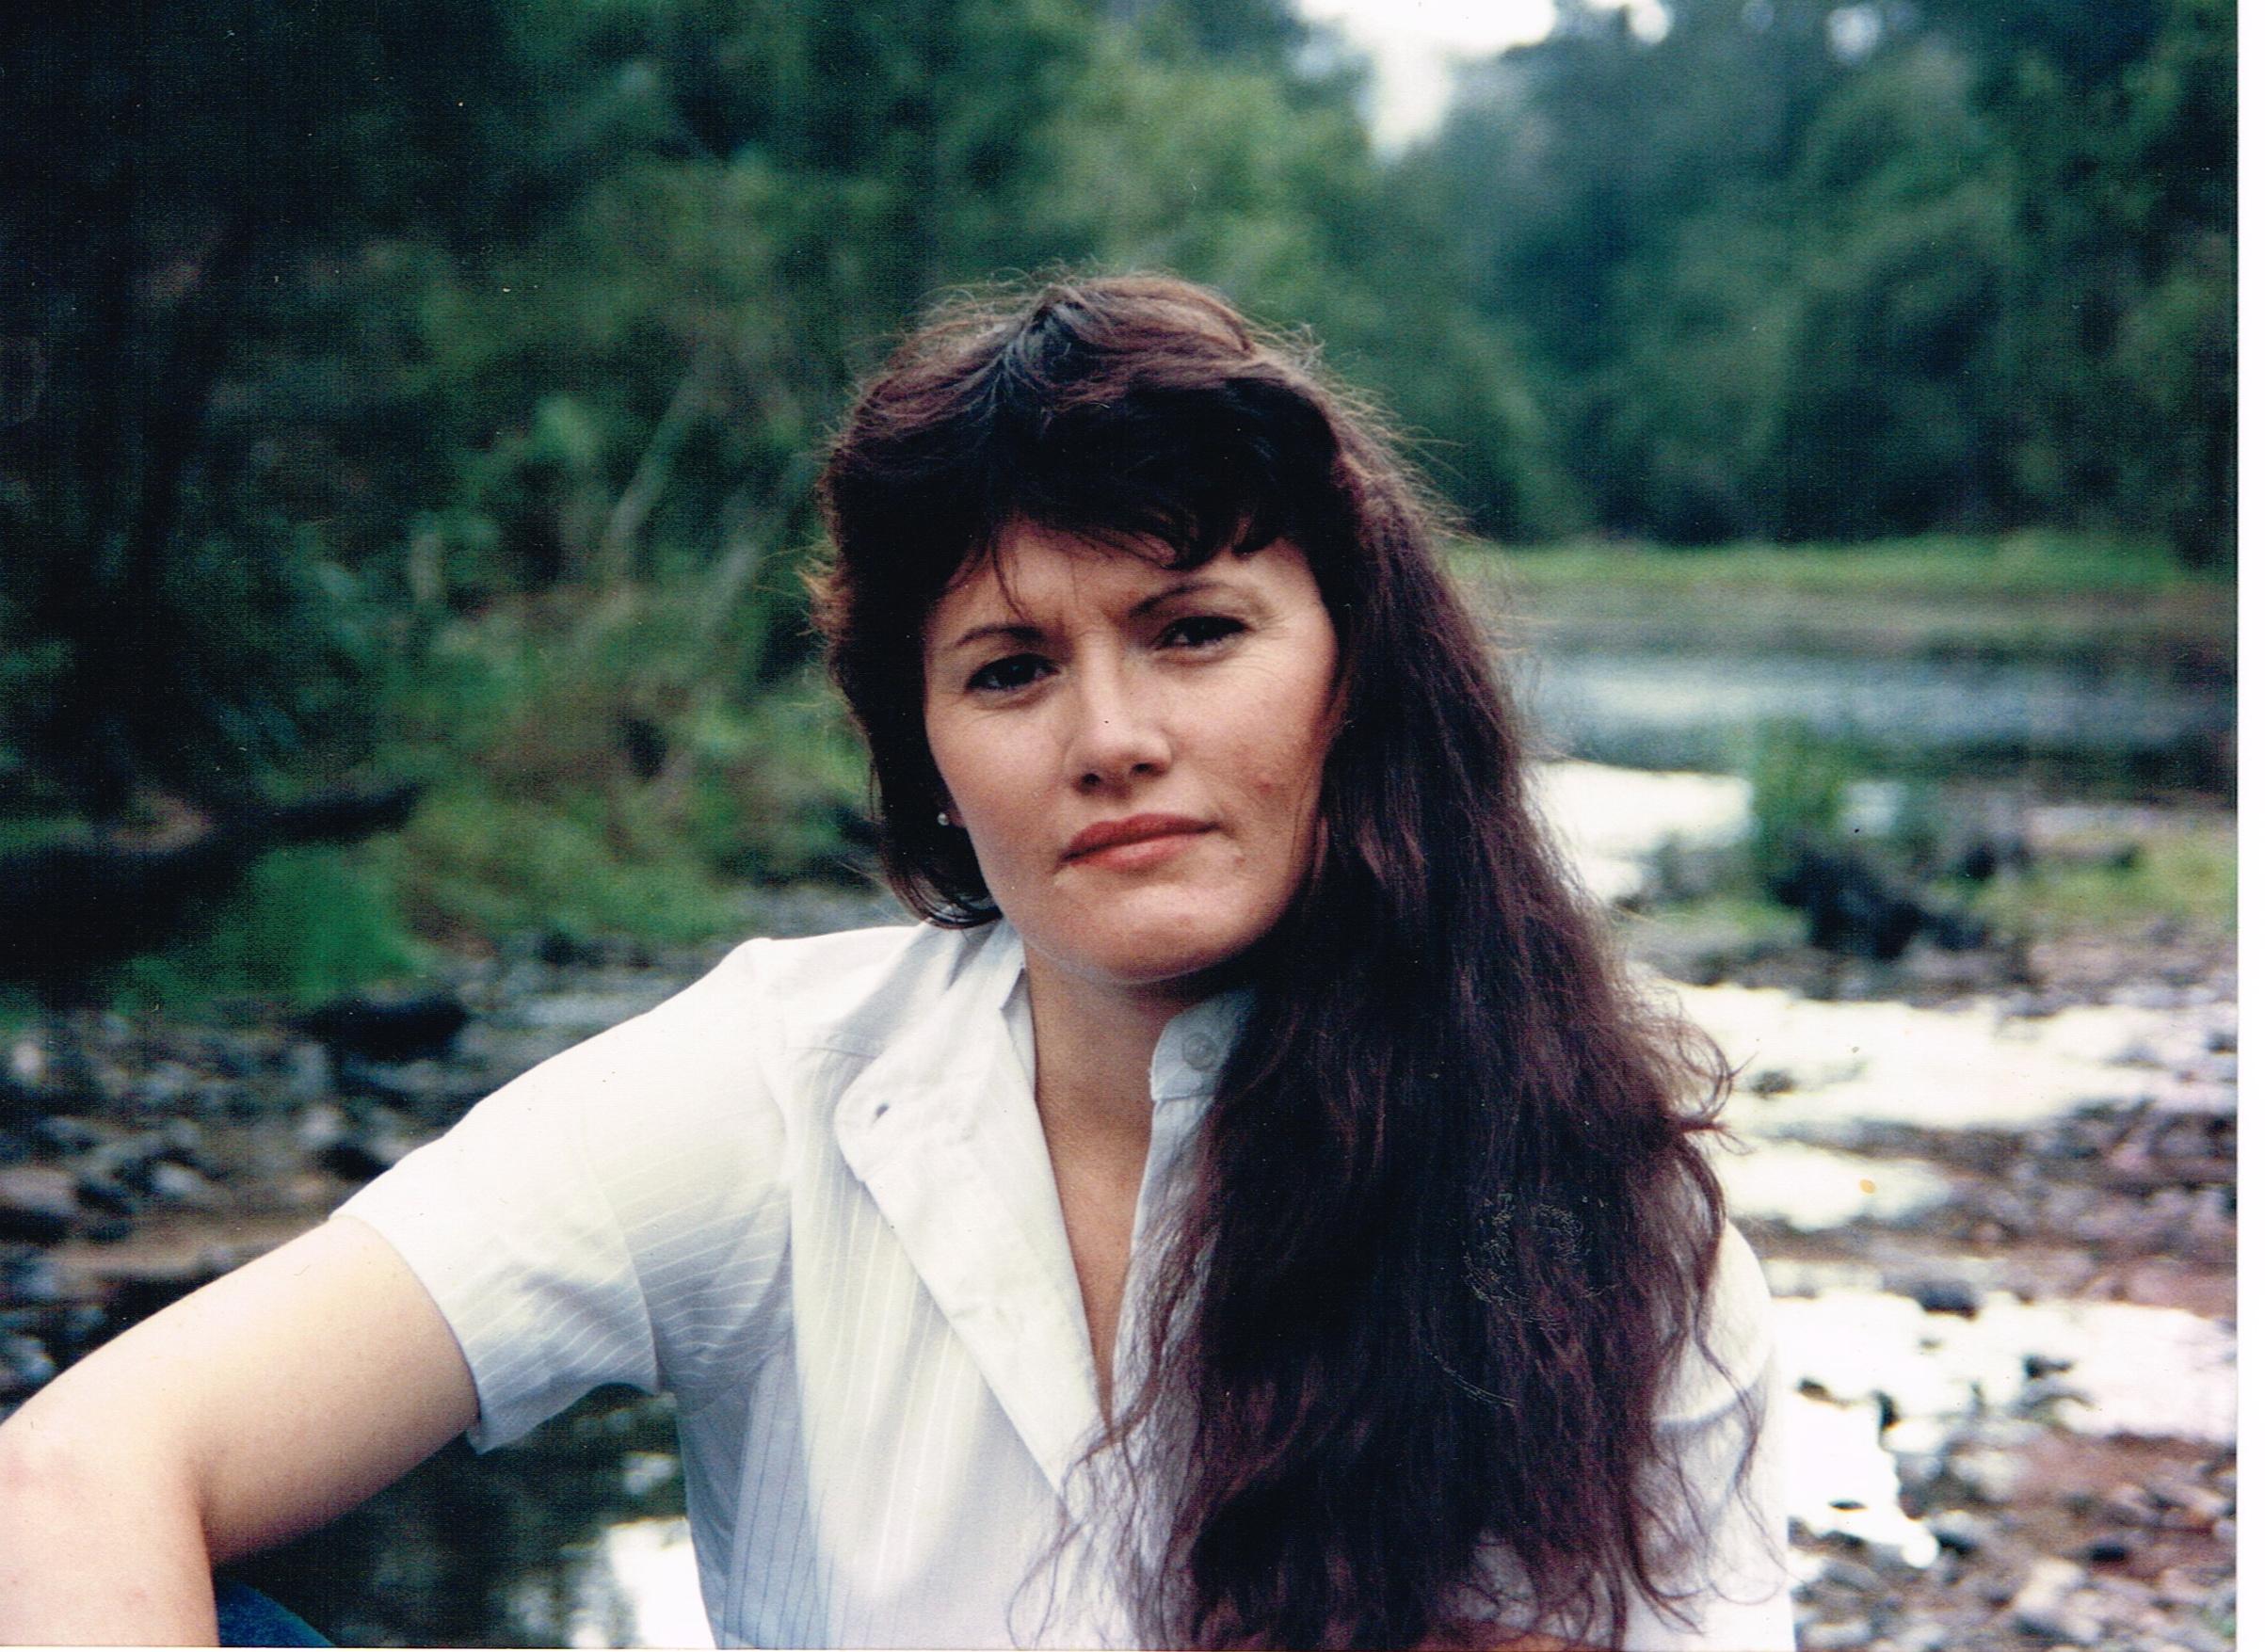 Helen Gladman